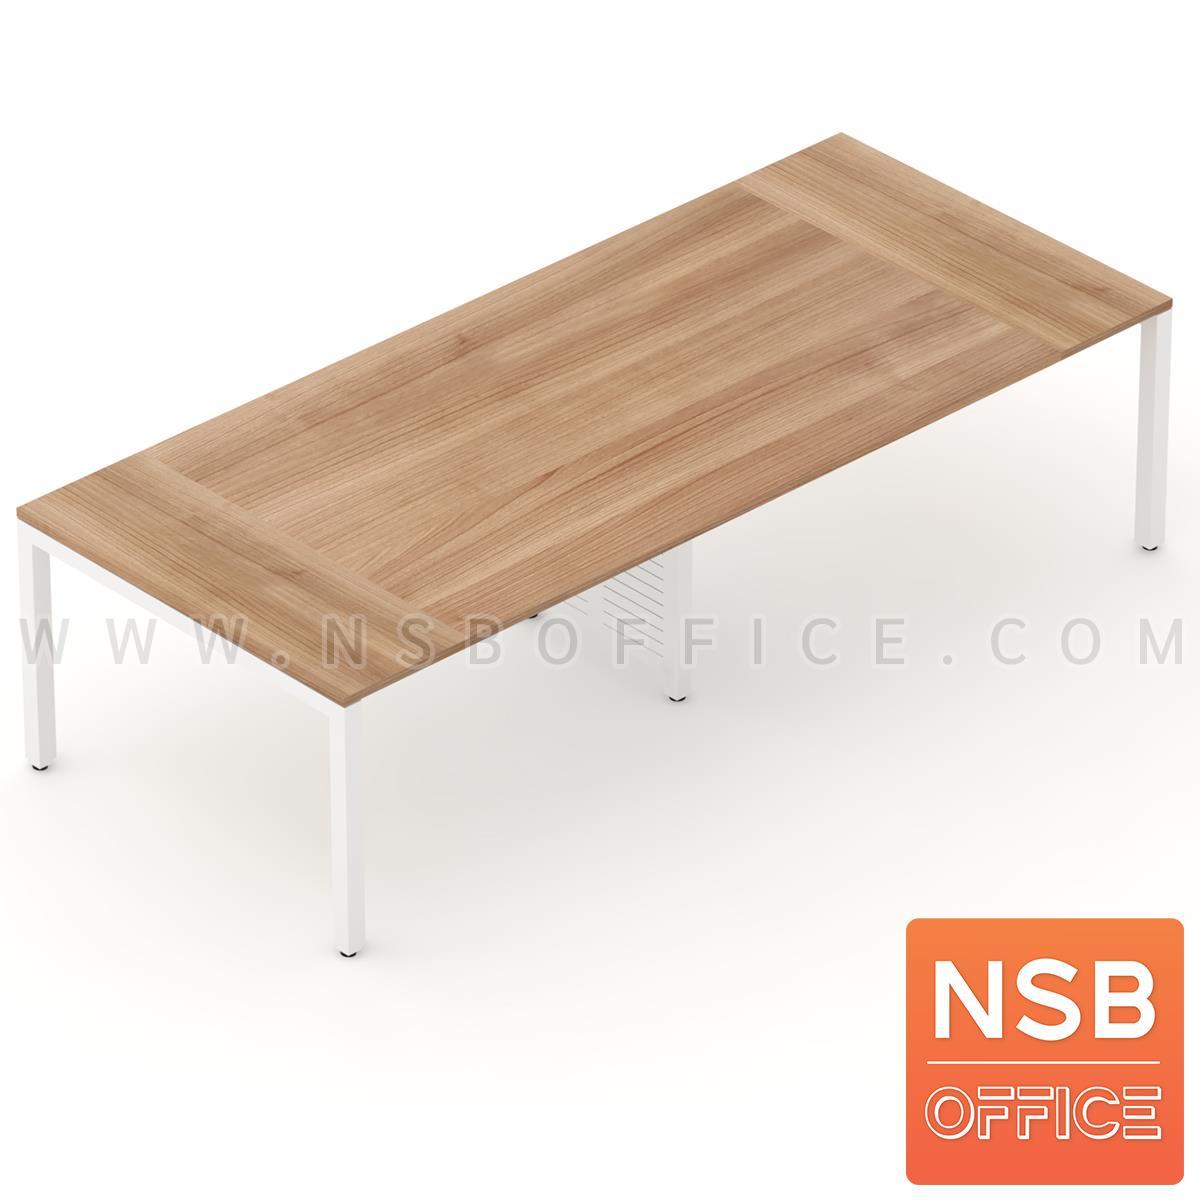 A05A085:โต๊ะประชุมทรงสี่เหลี่ยม 120D cm. รุ่น CONNEXX-021  ขากลางมีกล่องร้อยสาย